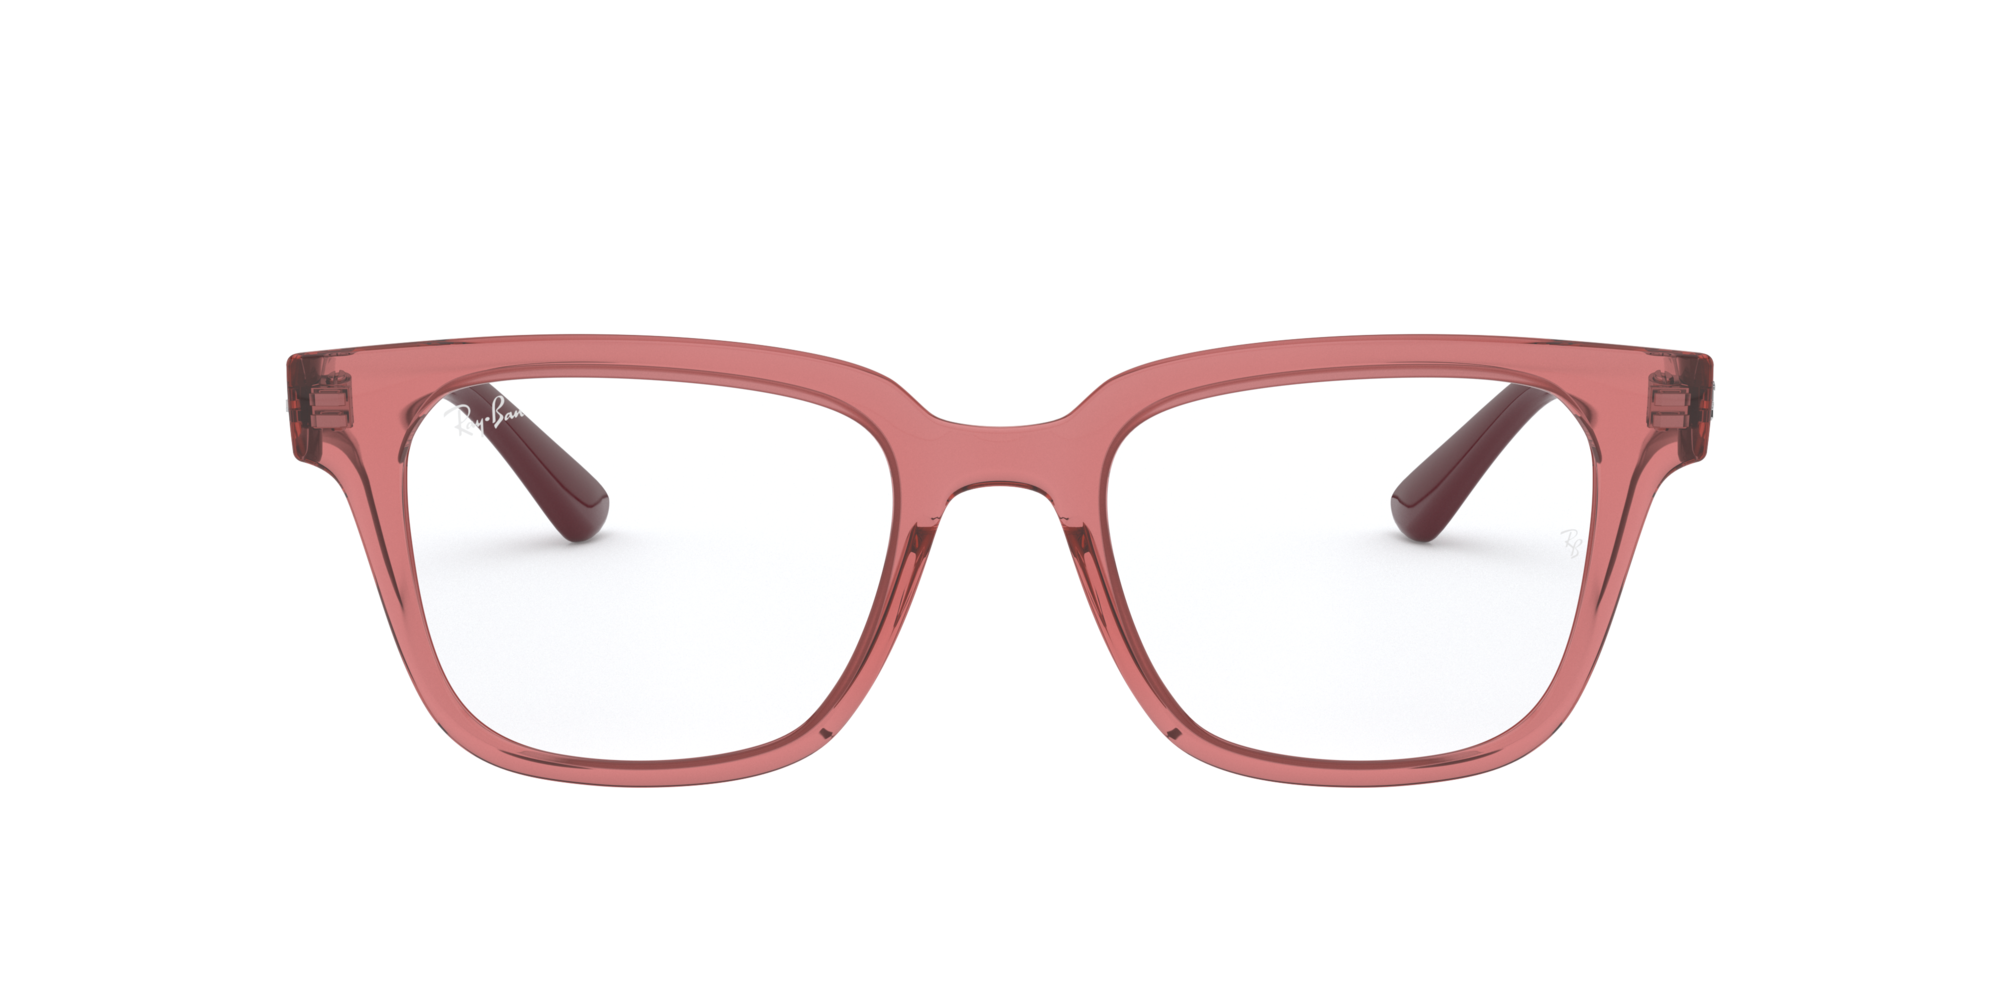 Imagen para RX4323V de LensCrafters |  Espejuelos, espejuelos graduados en línea, gafas